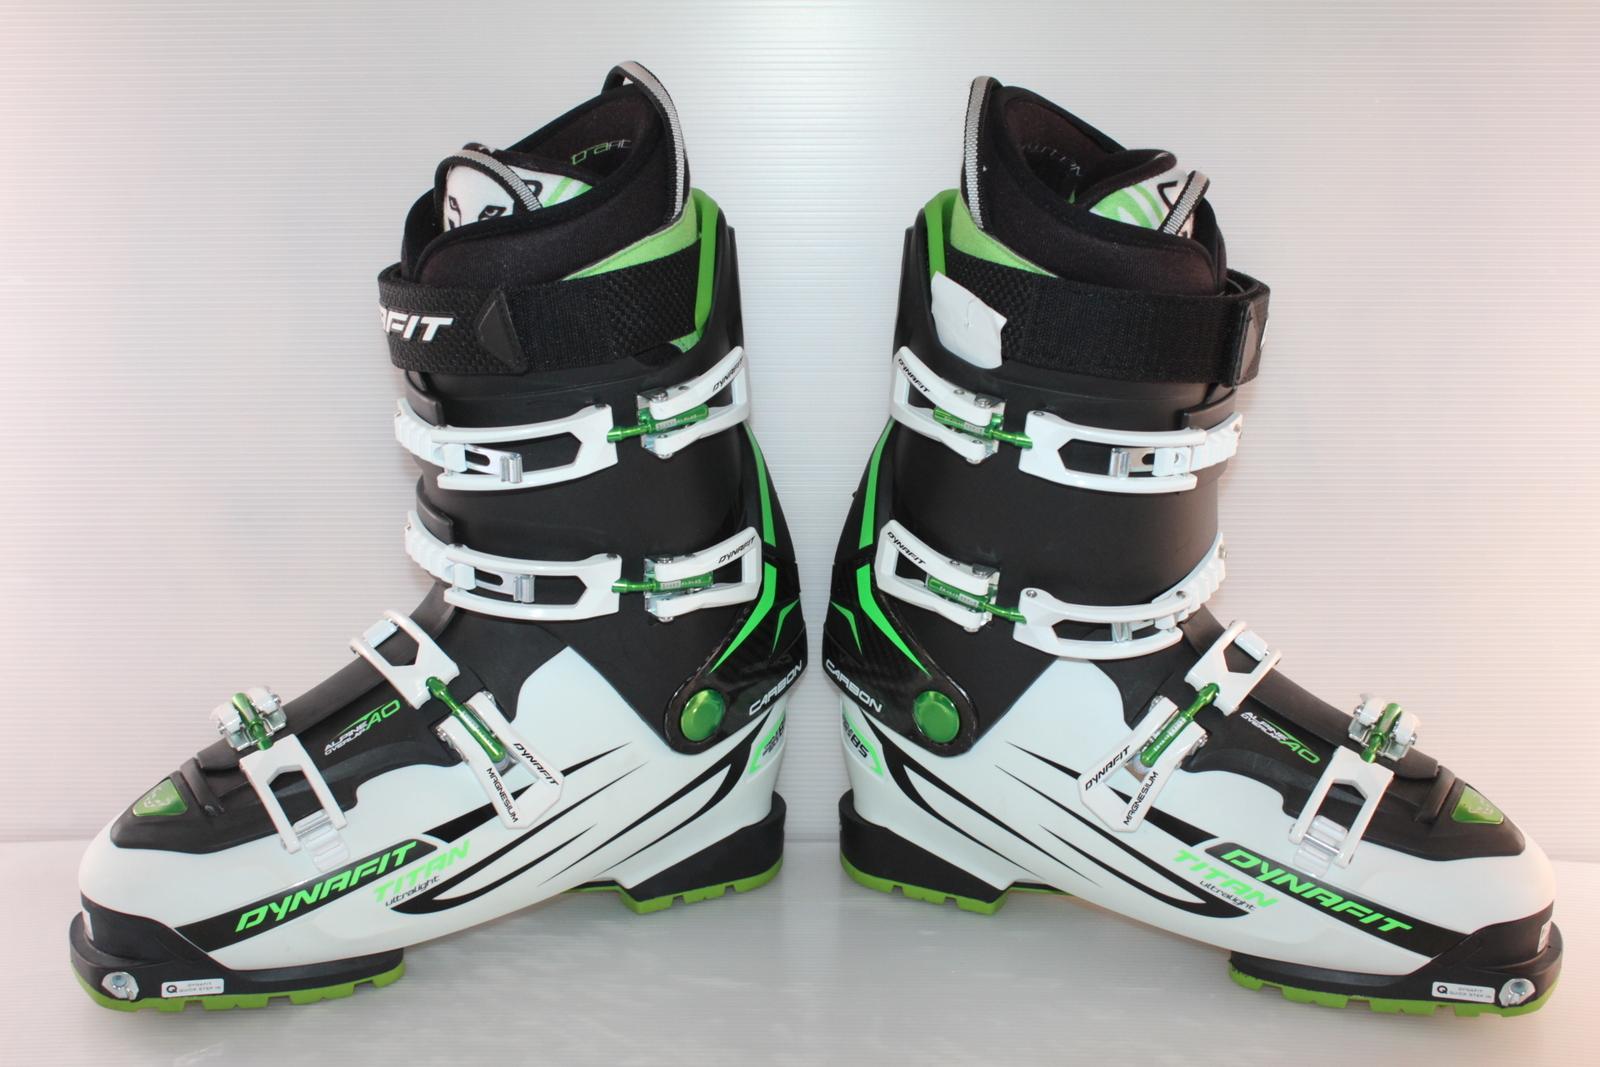 Skialpové boty Dynafit UltraLight - skialp vel. EU45